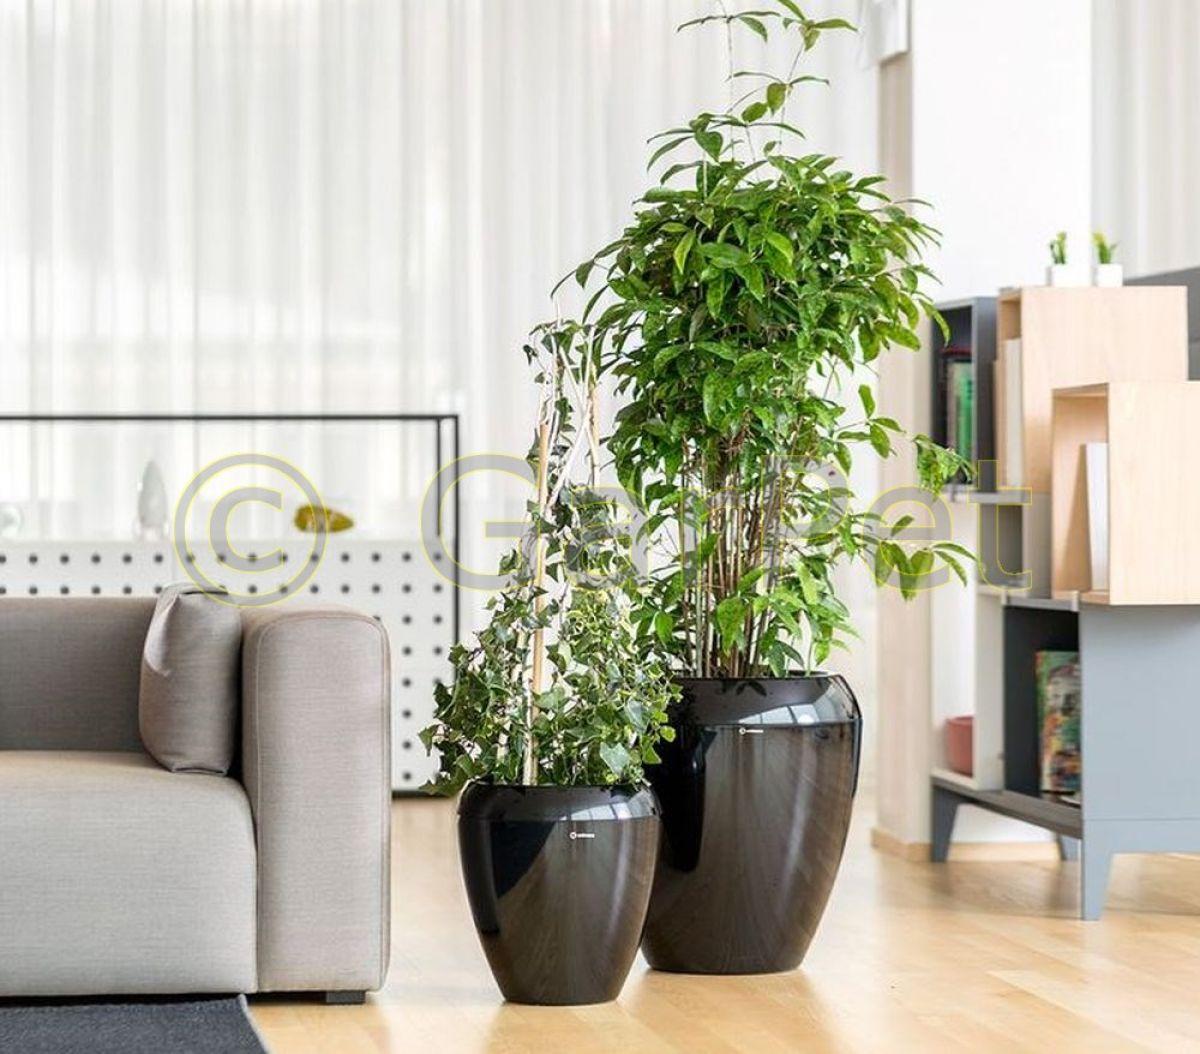 pflanzk bel mit bew sserung calimera innen au en gro pflanz gef blumen topf ebay. Black Bedroom Furniture Sets. Home Design Ideas